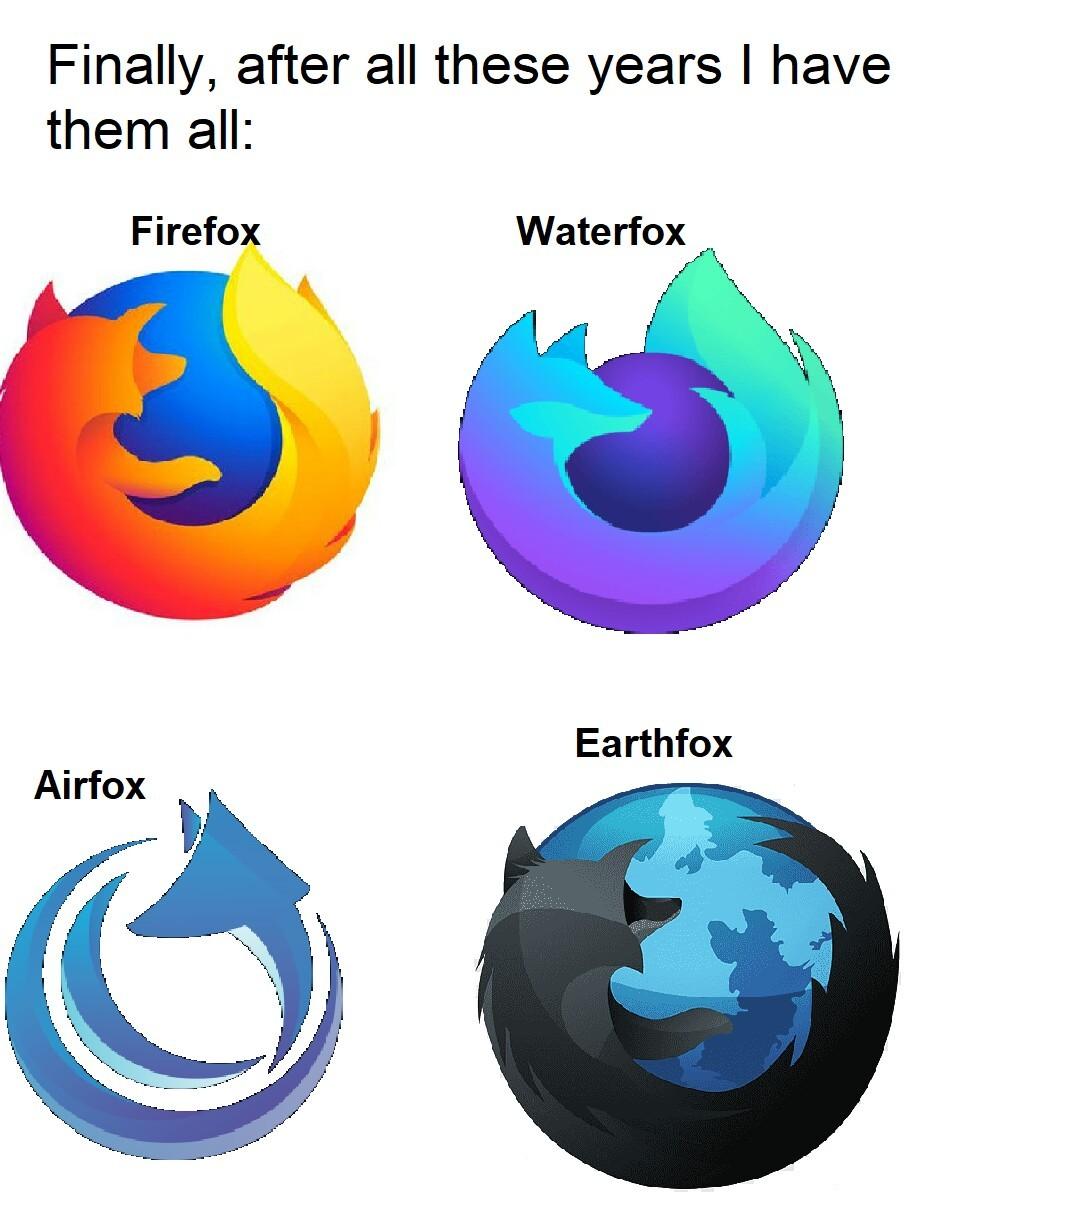 Firefox - meme